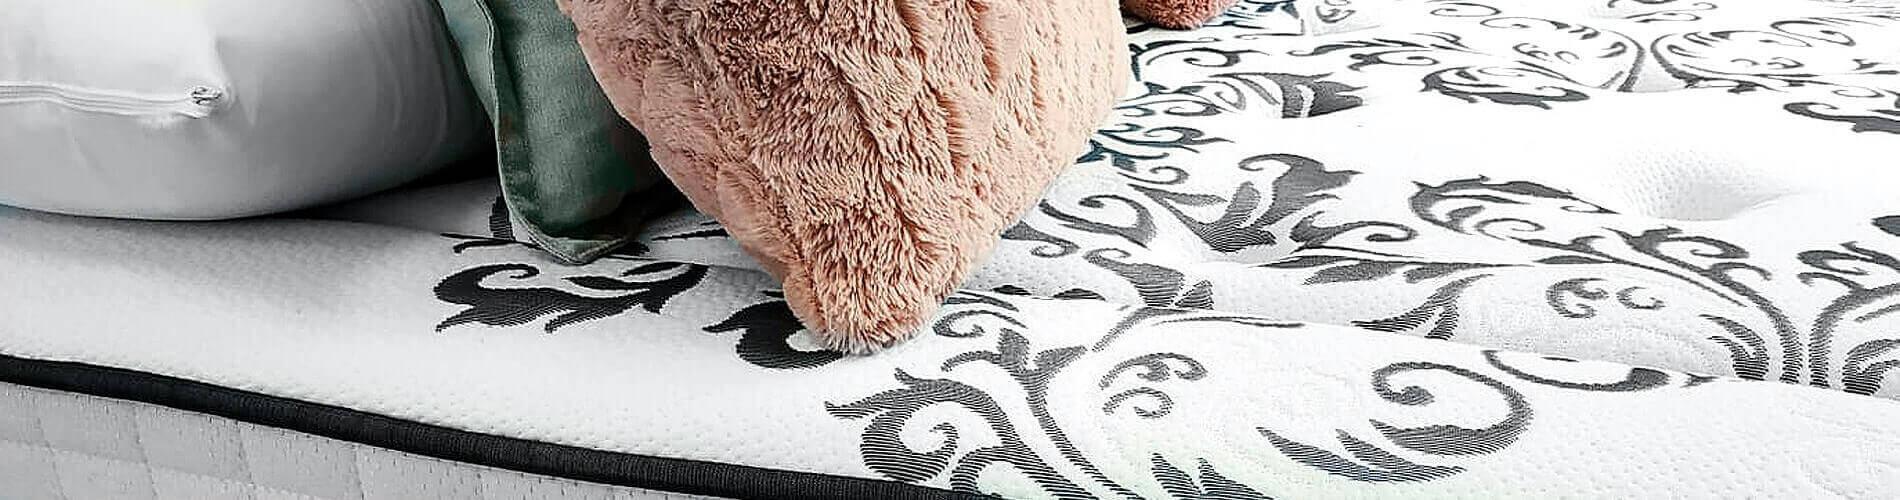 detalle del tejido del colchón Queen